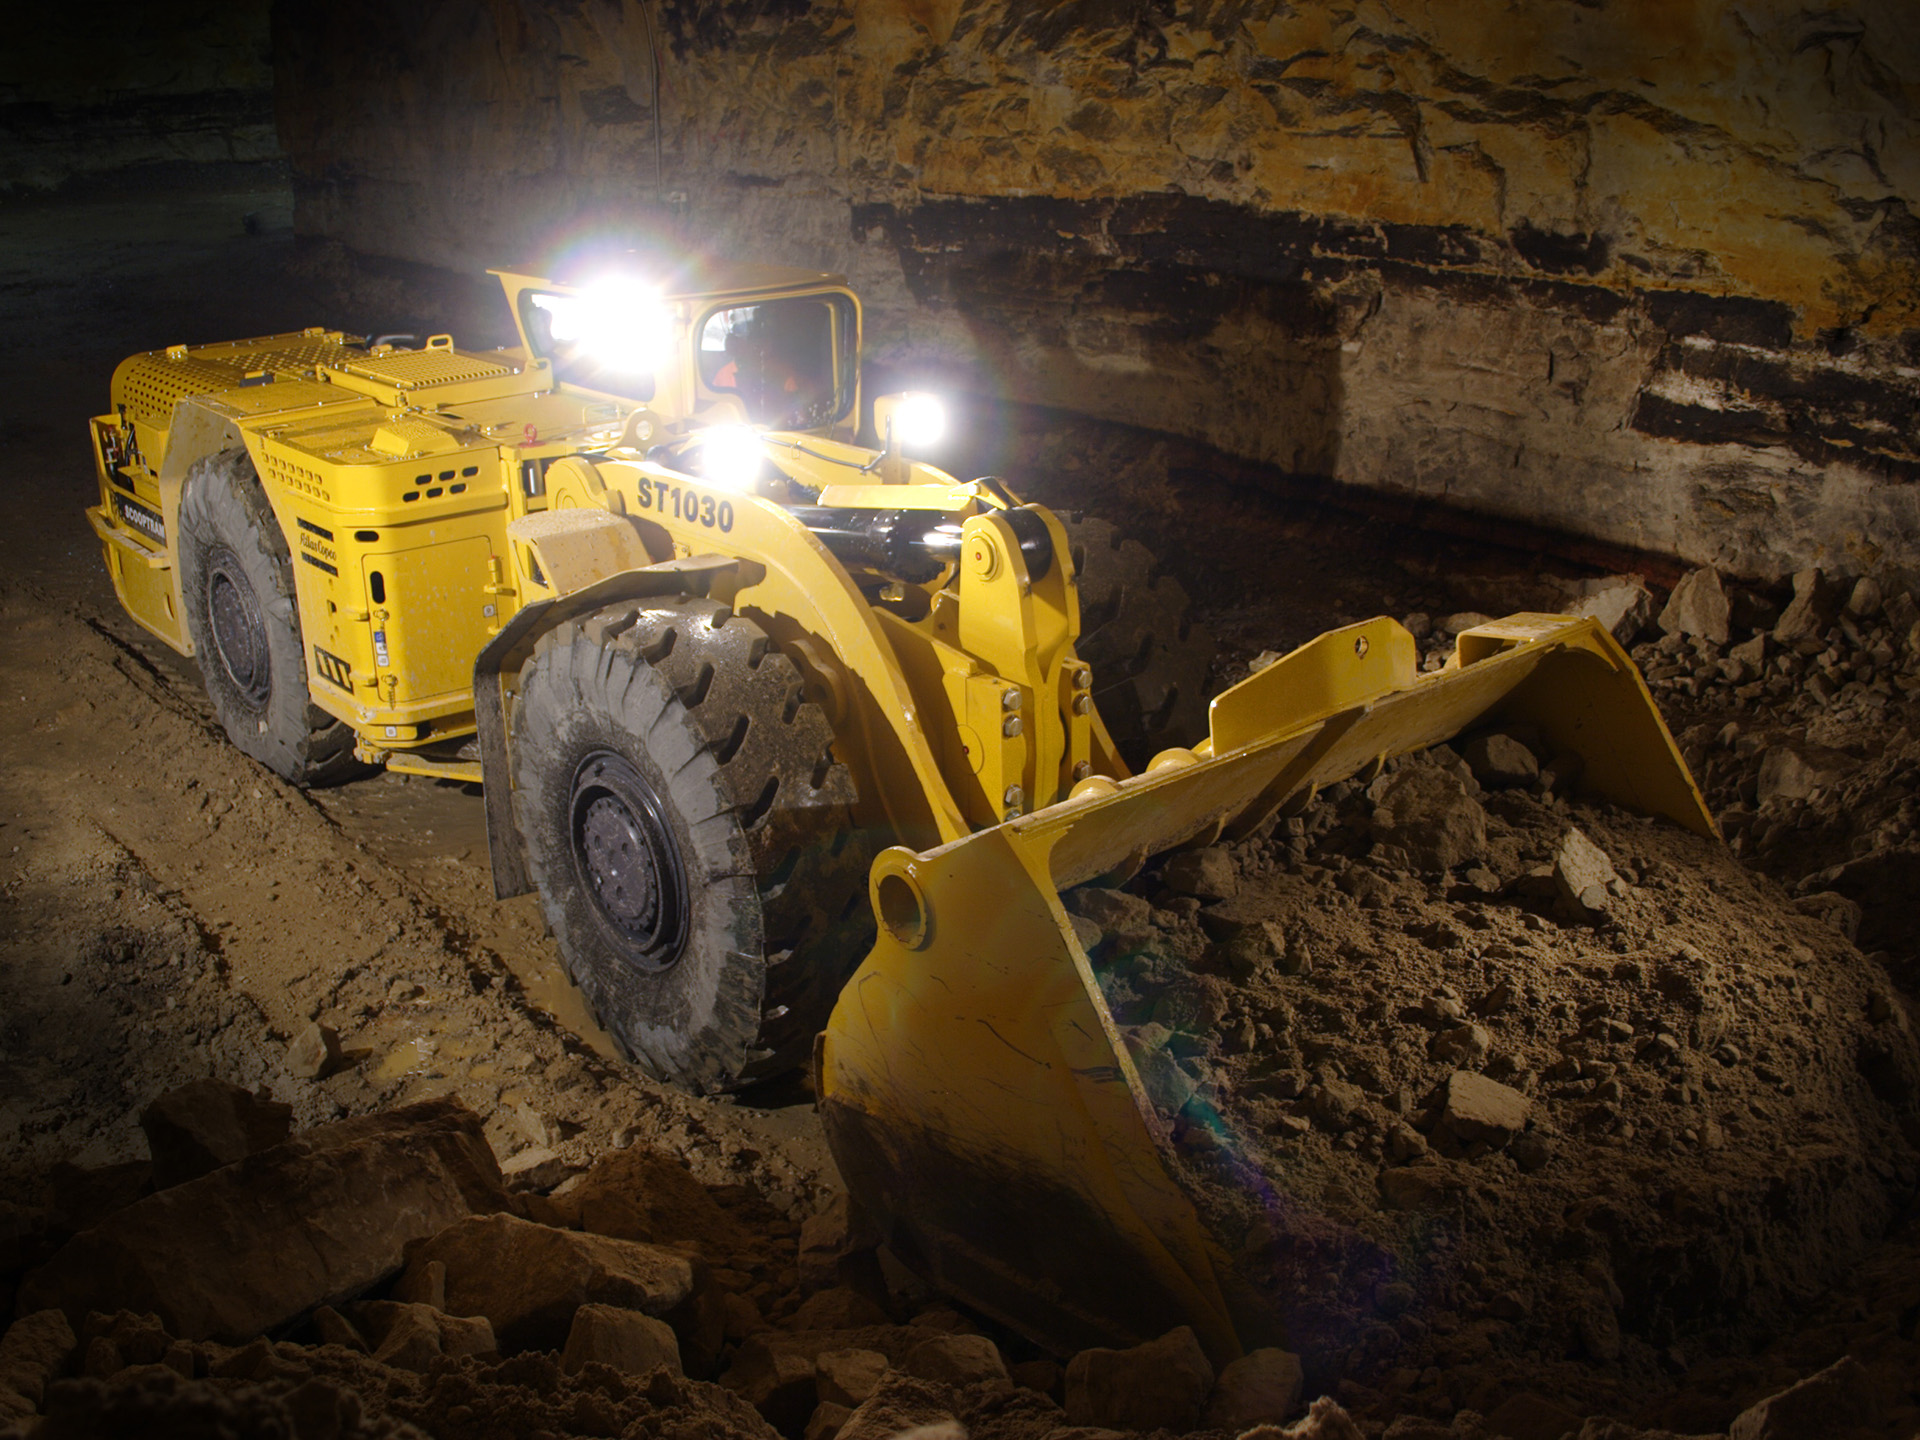 блюда картинки шахтовой техники тем менее, вырос